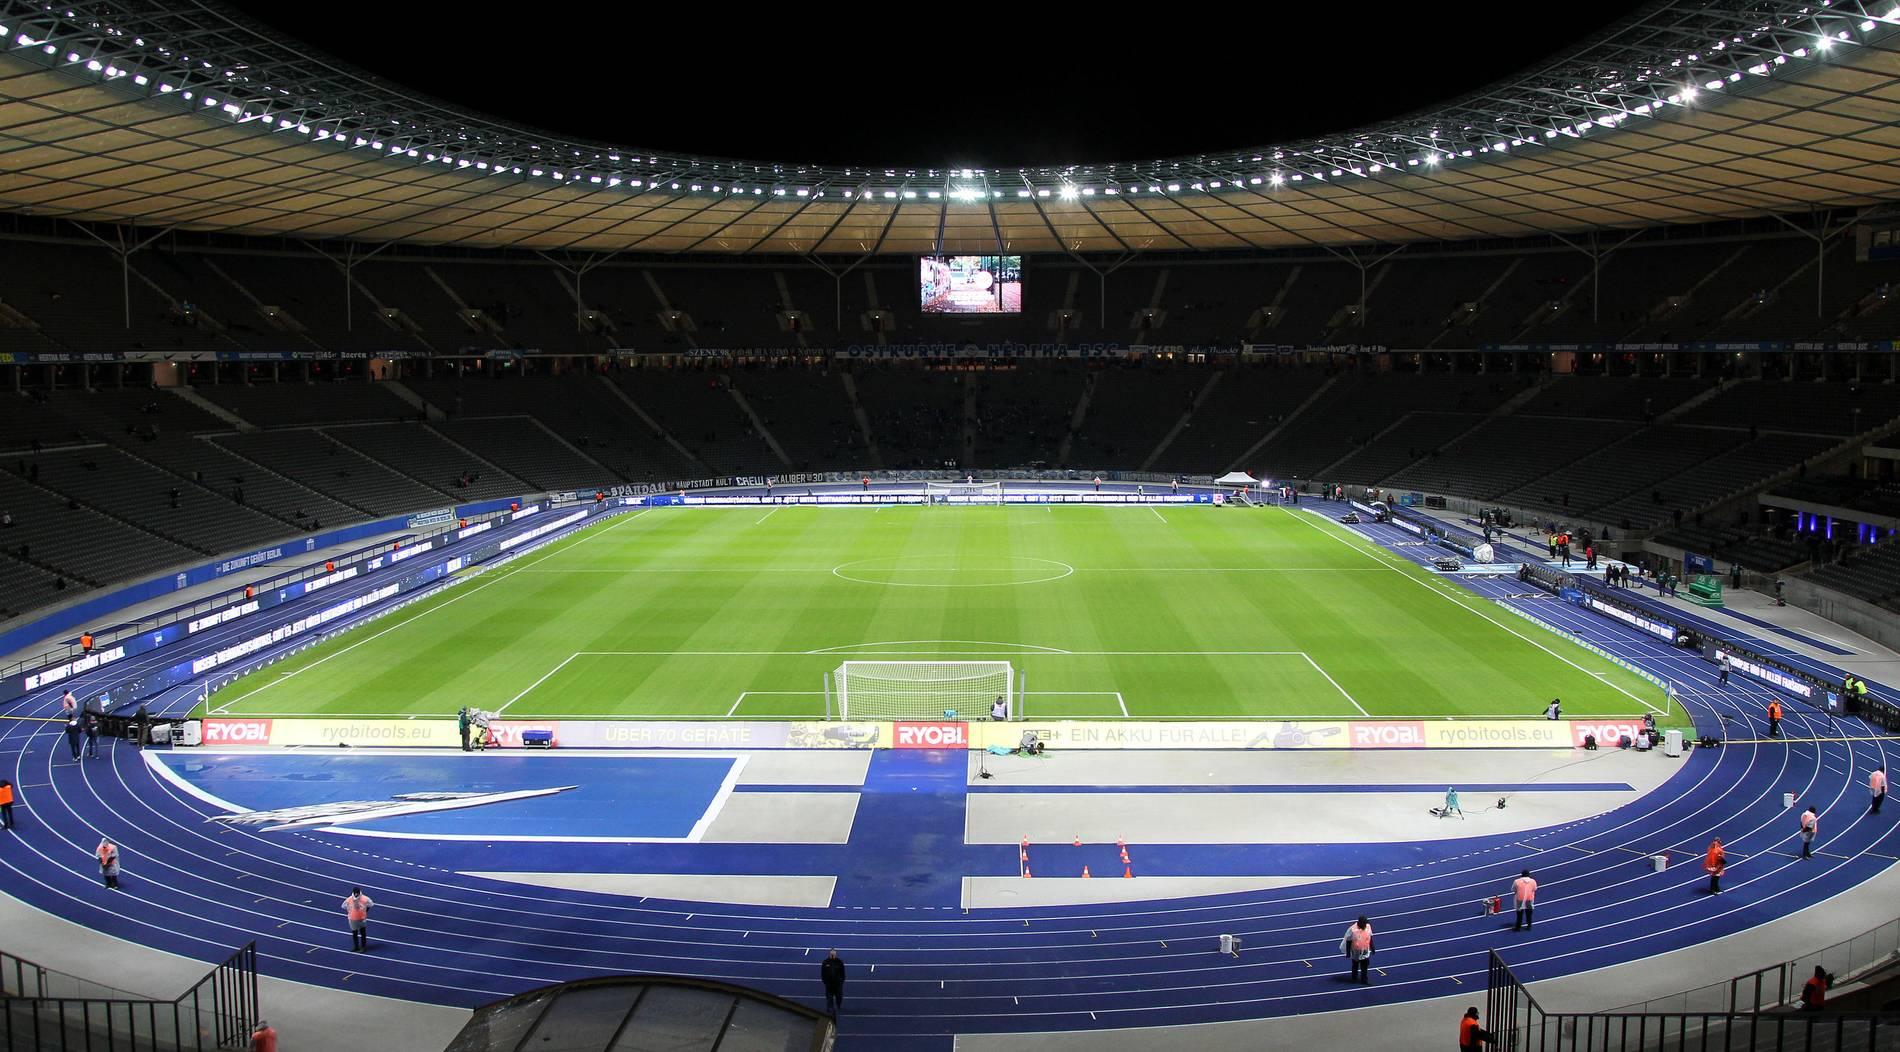 DFB-Pokalfinale in genderneutralem Olympiastadion